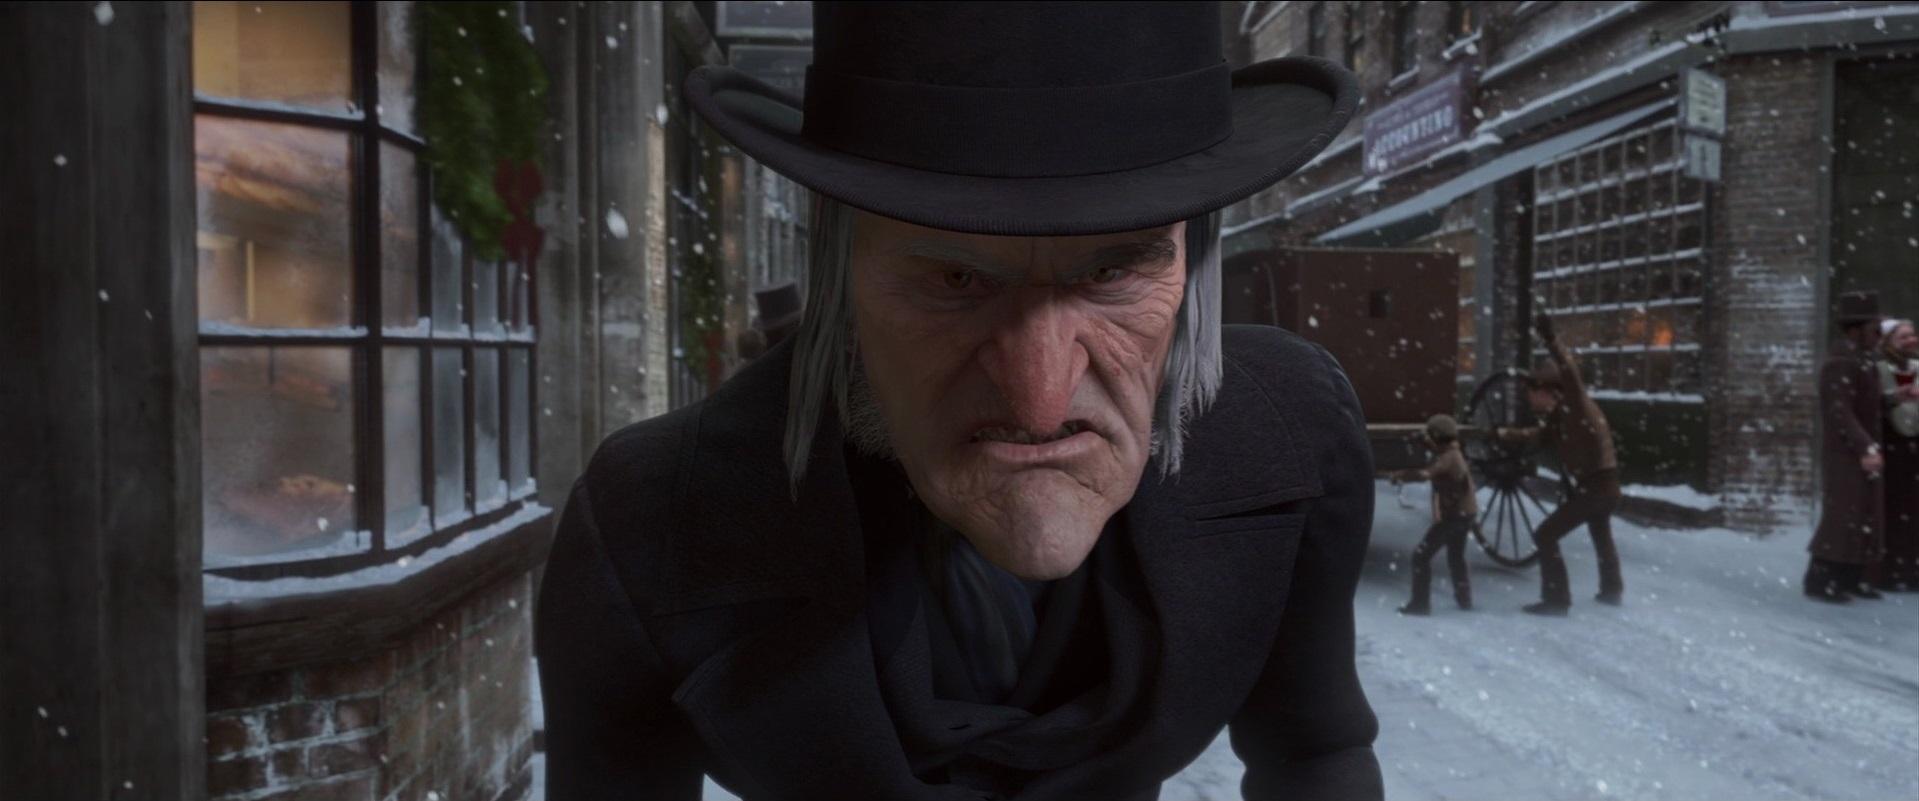 File:Scrooge.jpg